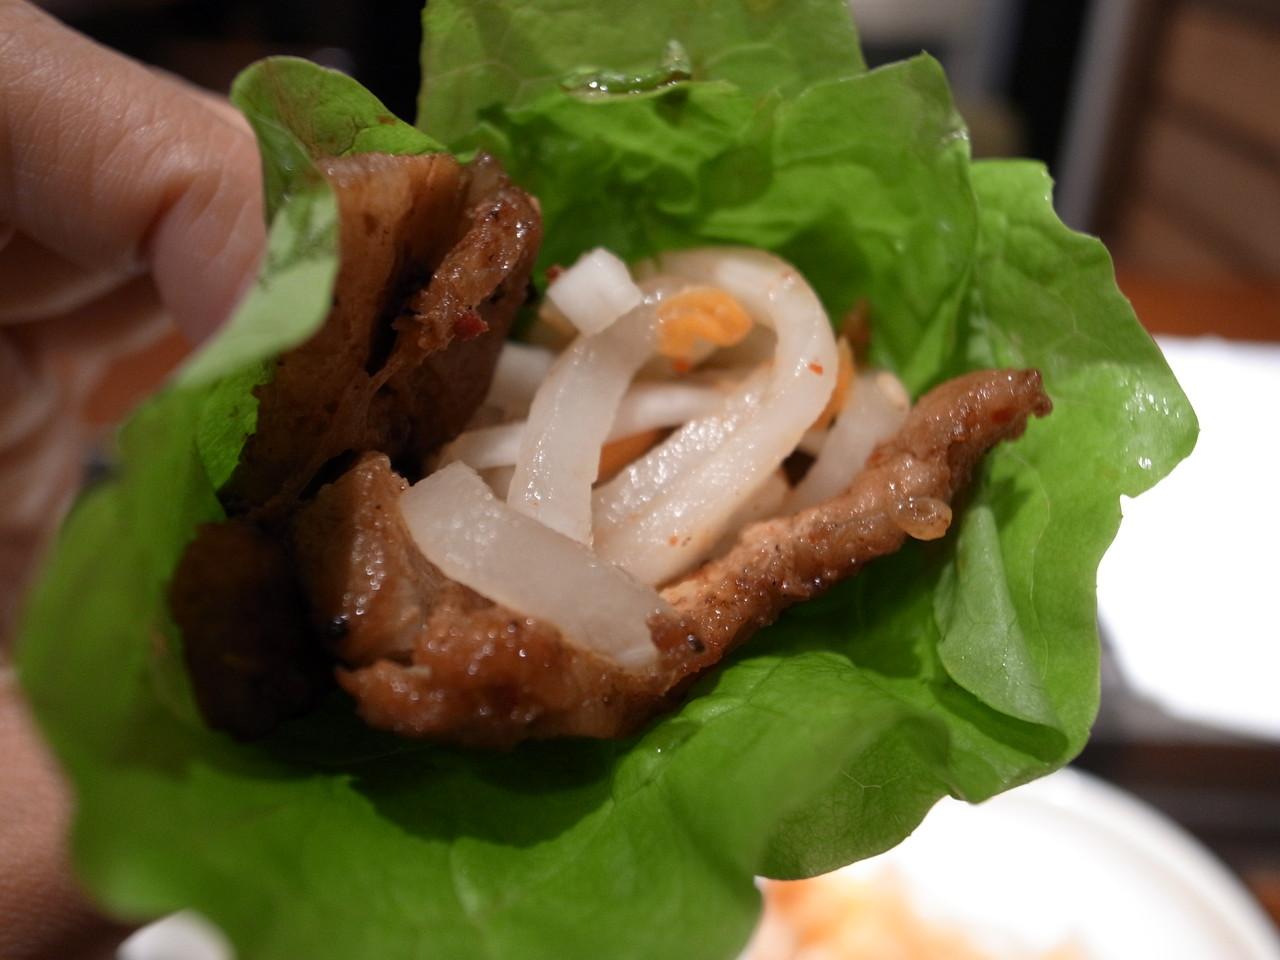 渋谷でサムギョプサル食べ放題ランチの店「ベジデジや」でお腹も財布も大満足ニダ!